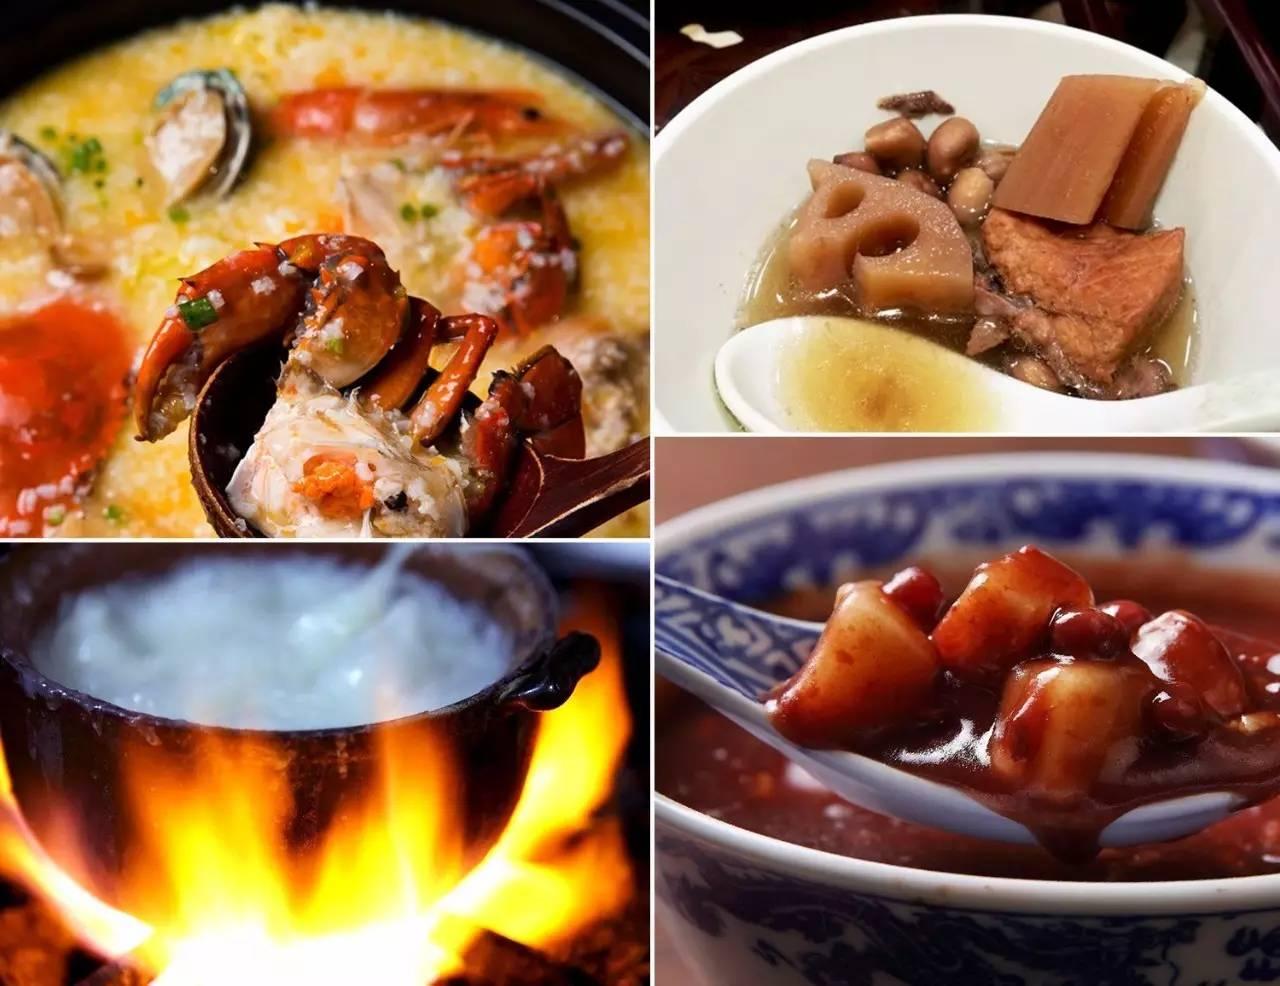 北京这10家餐厅的暖胃汤粥,是秋凉时分抚慰灵魂的温柔